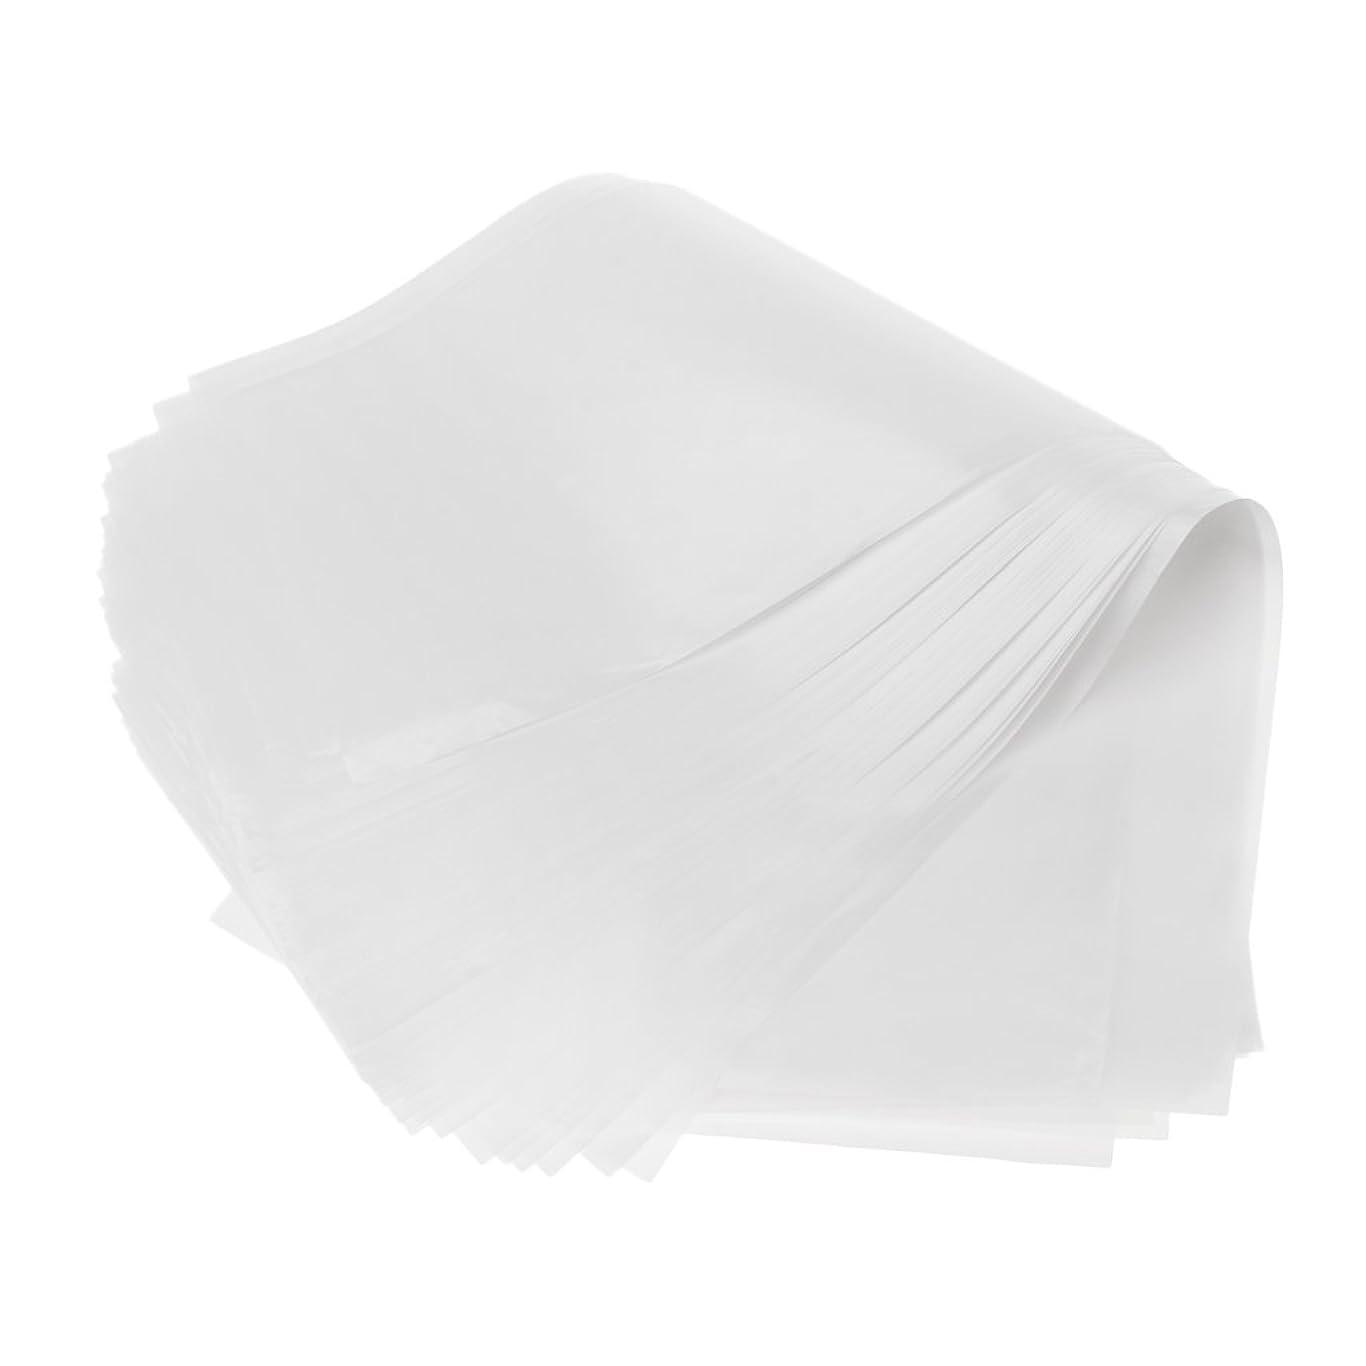 スリッパ帝国マティスT TOOYFUL 50pcsサロンプラスチック染毛紙カラーハイライト分離シート再利用可能 - ホワイト